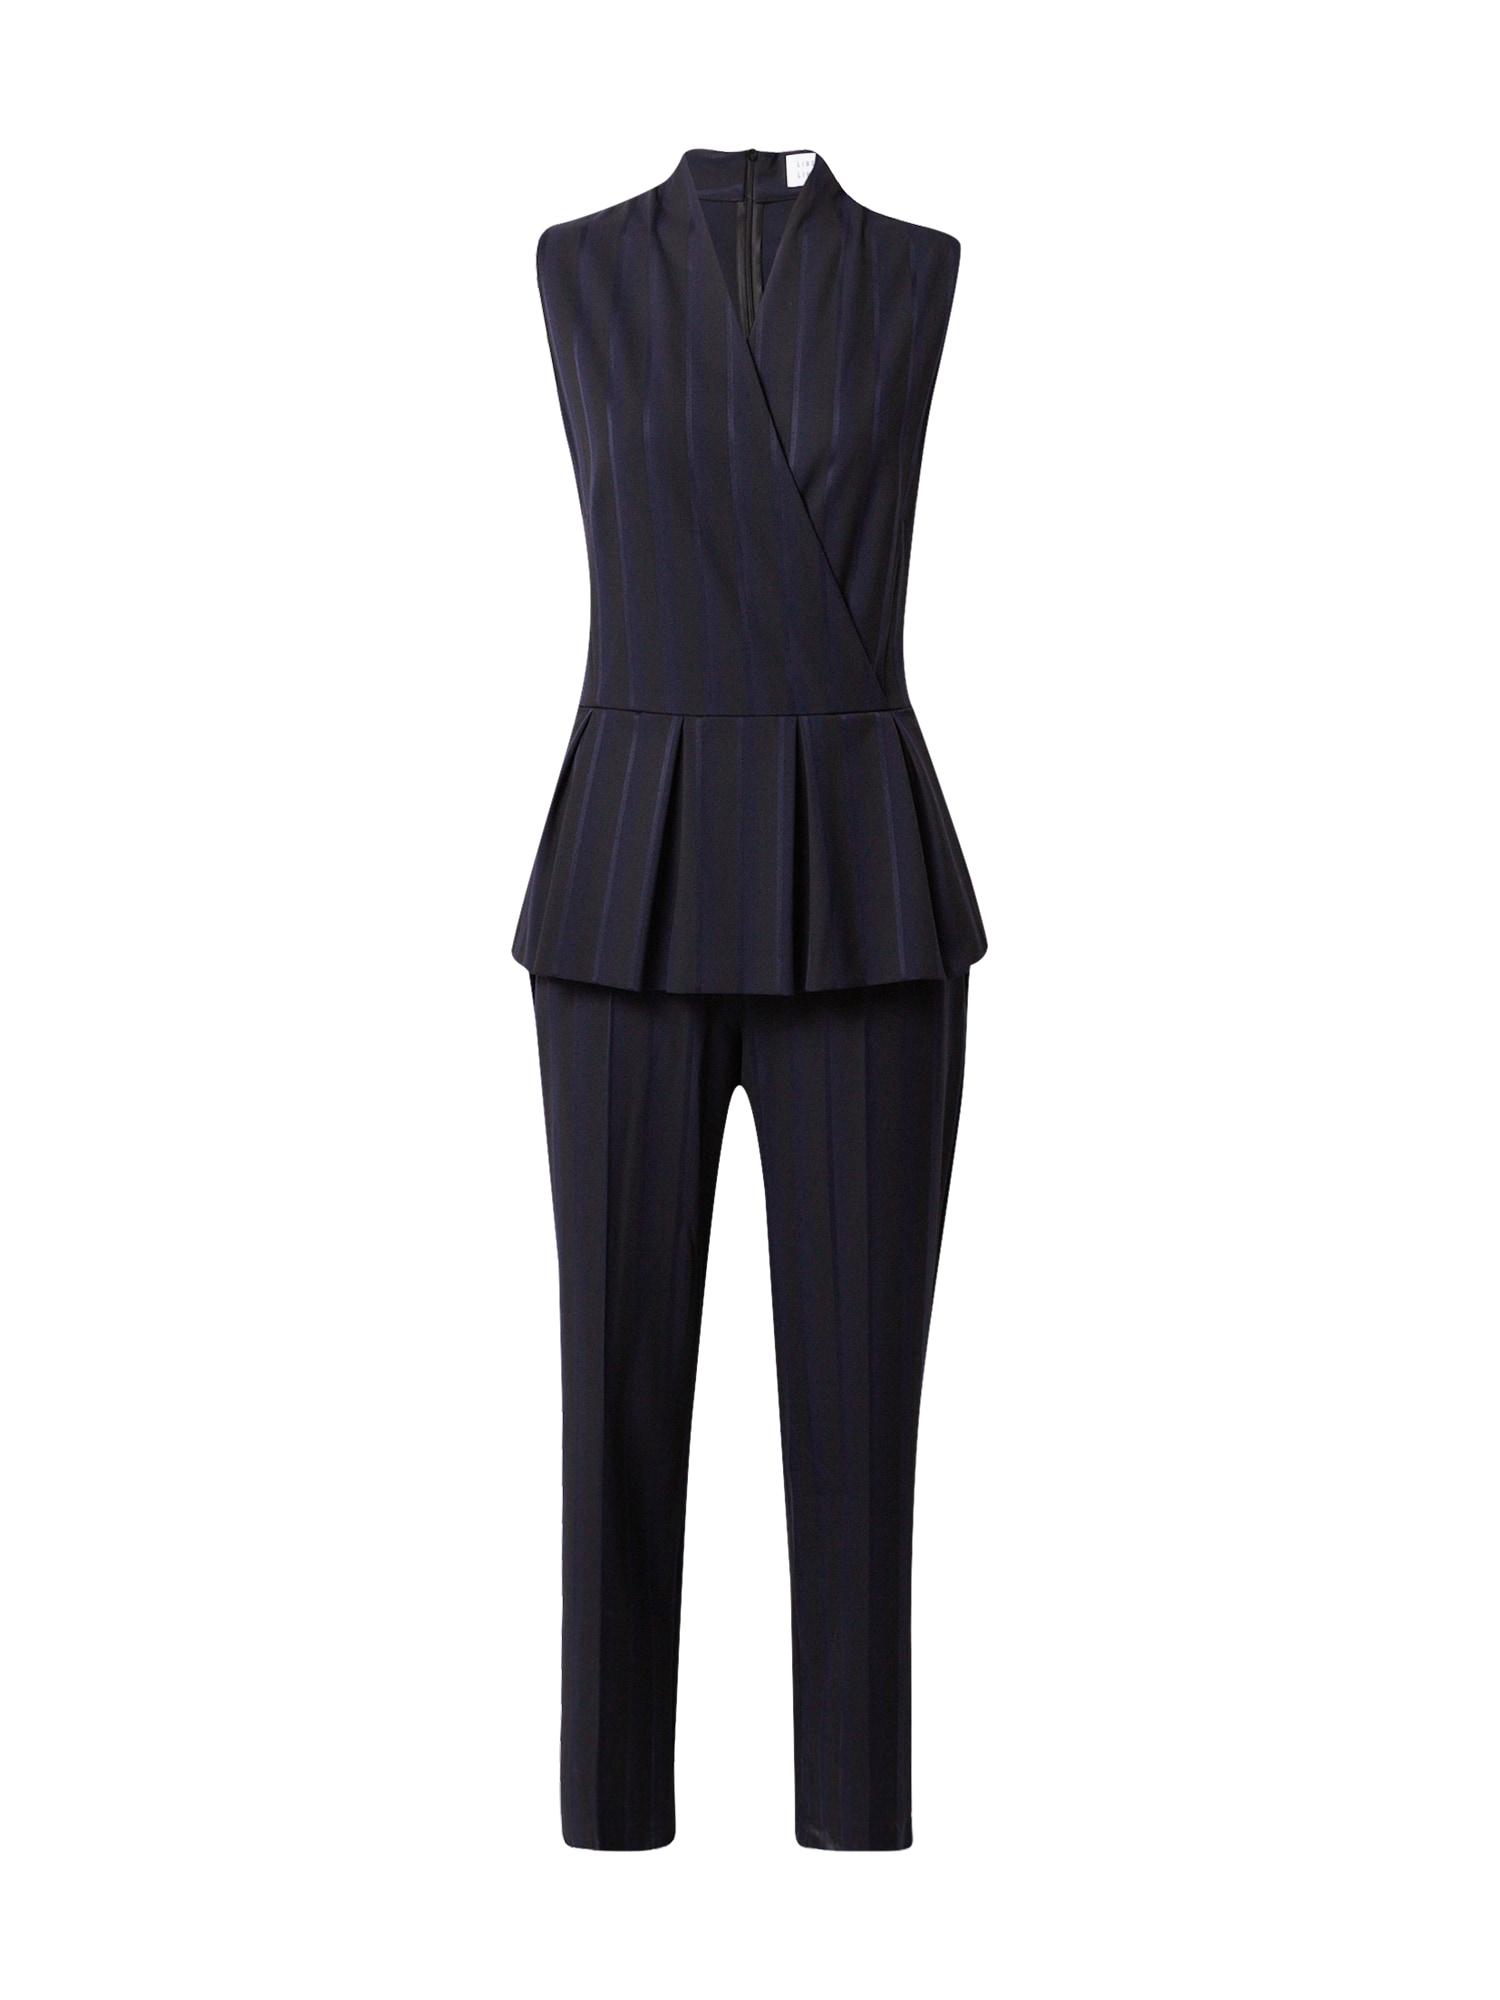 Libertine-Libertine Vienos dalies kostiumas